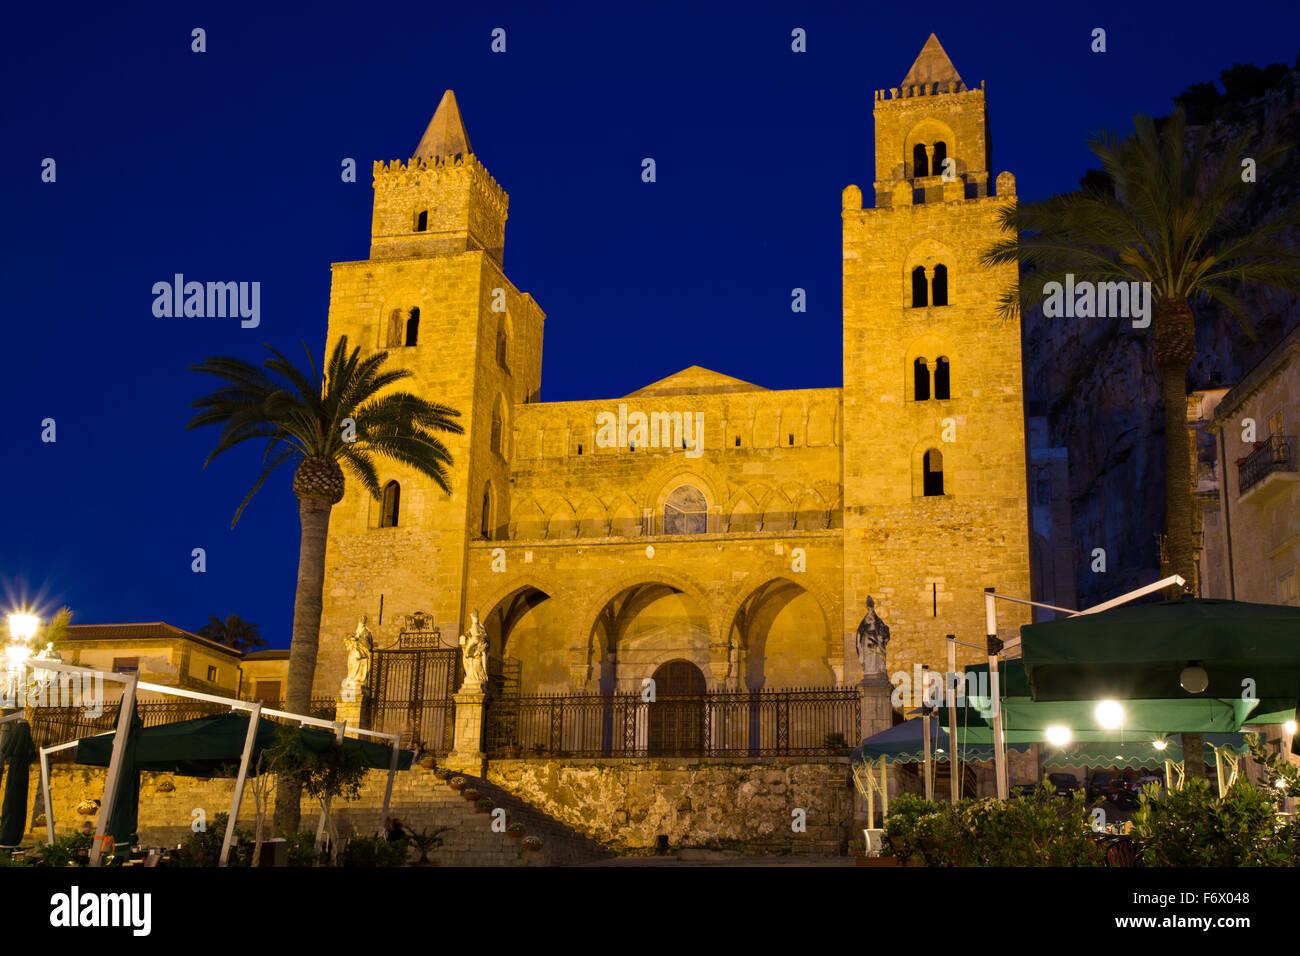 Cathédrale de Cefalu au crépuscule, Siciliy, Italie Photo Stock